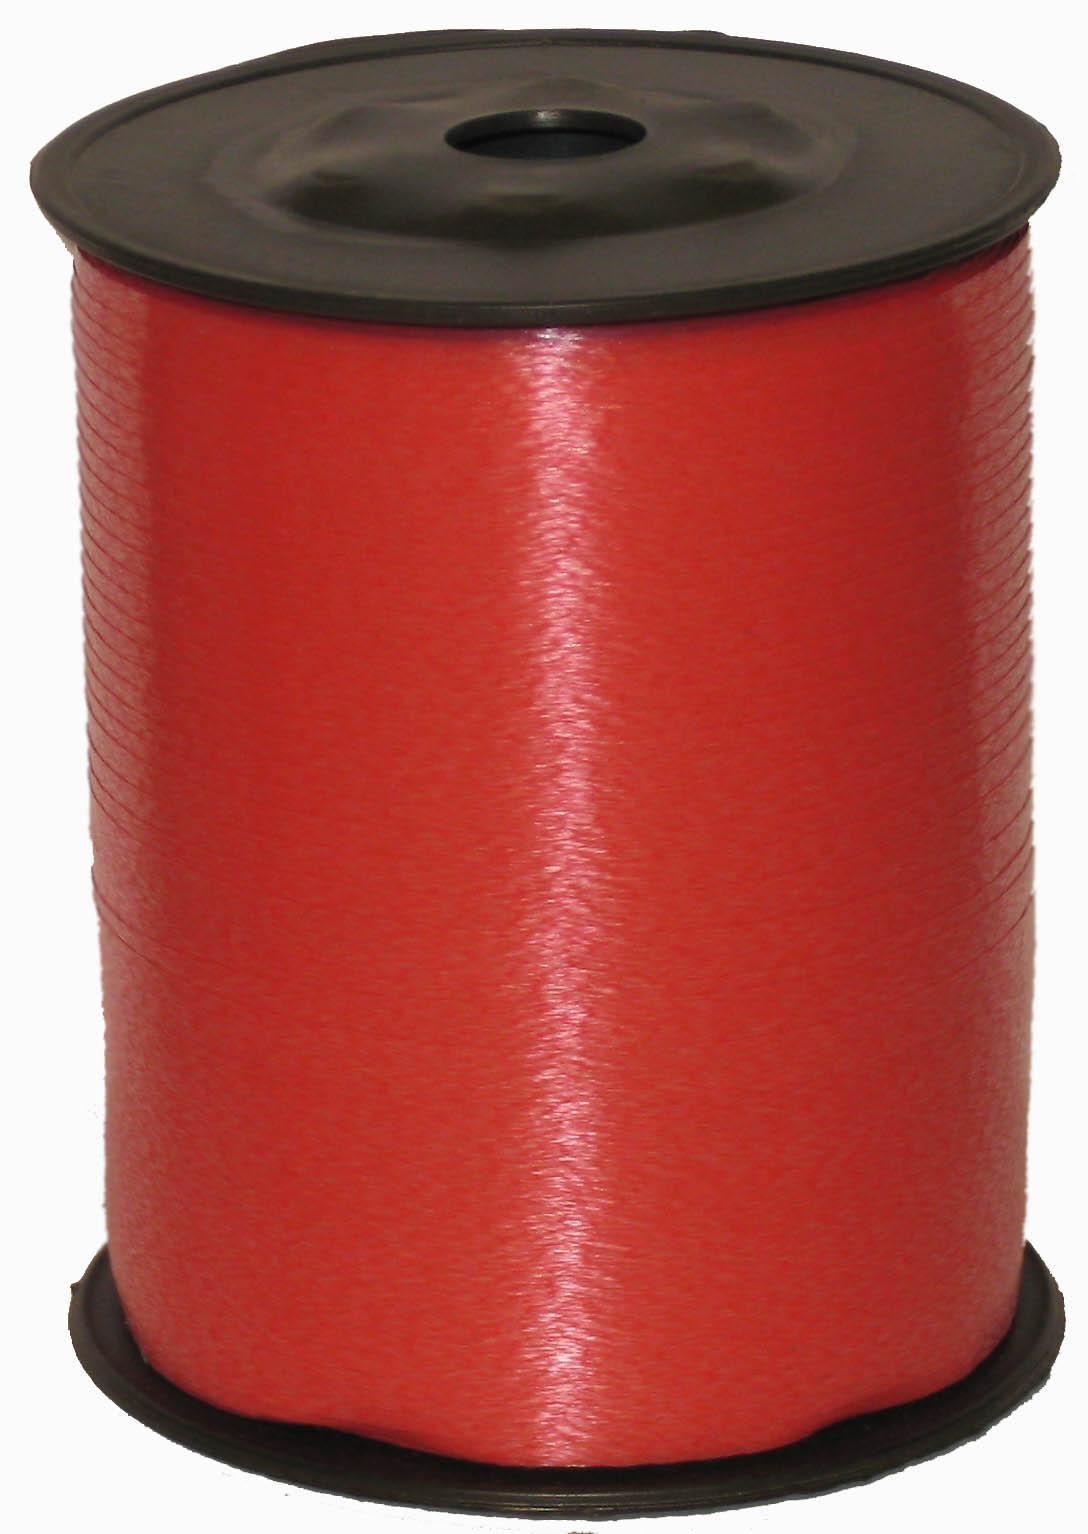 Лента цвет Вишневый, бобина 0,5 см / 500 м, Россия